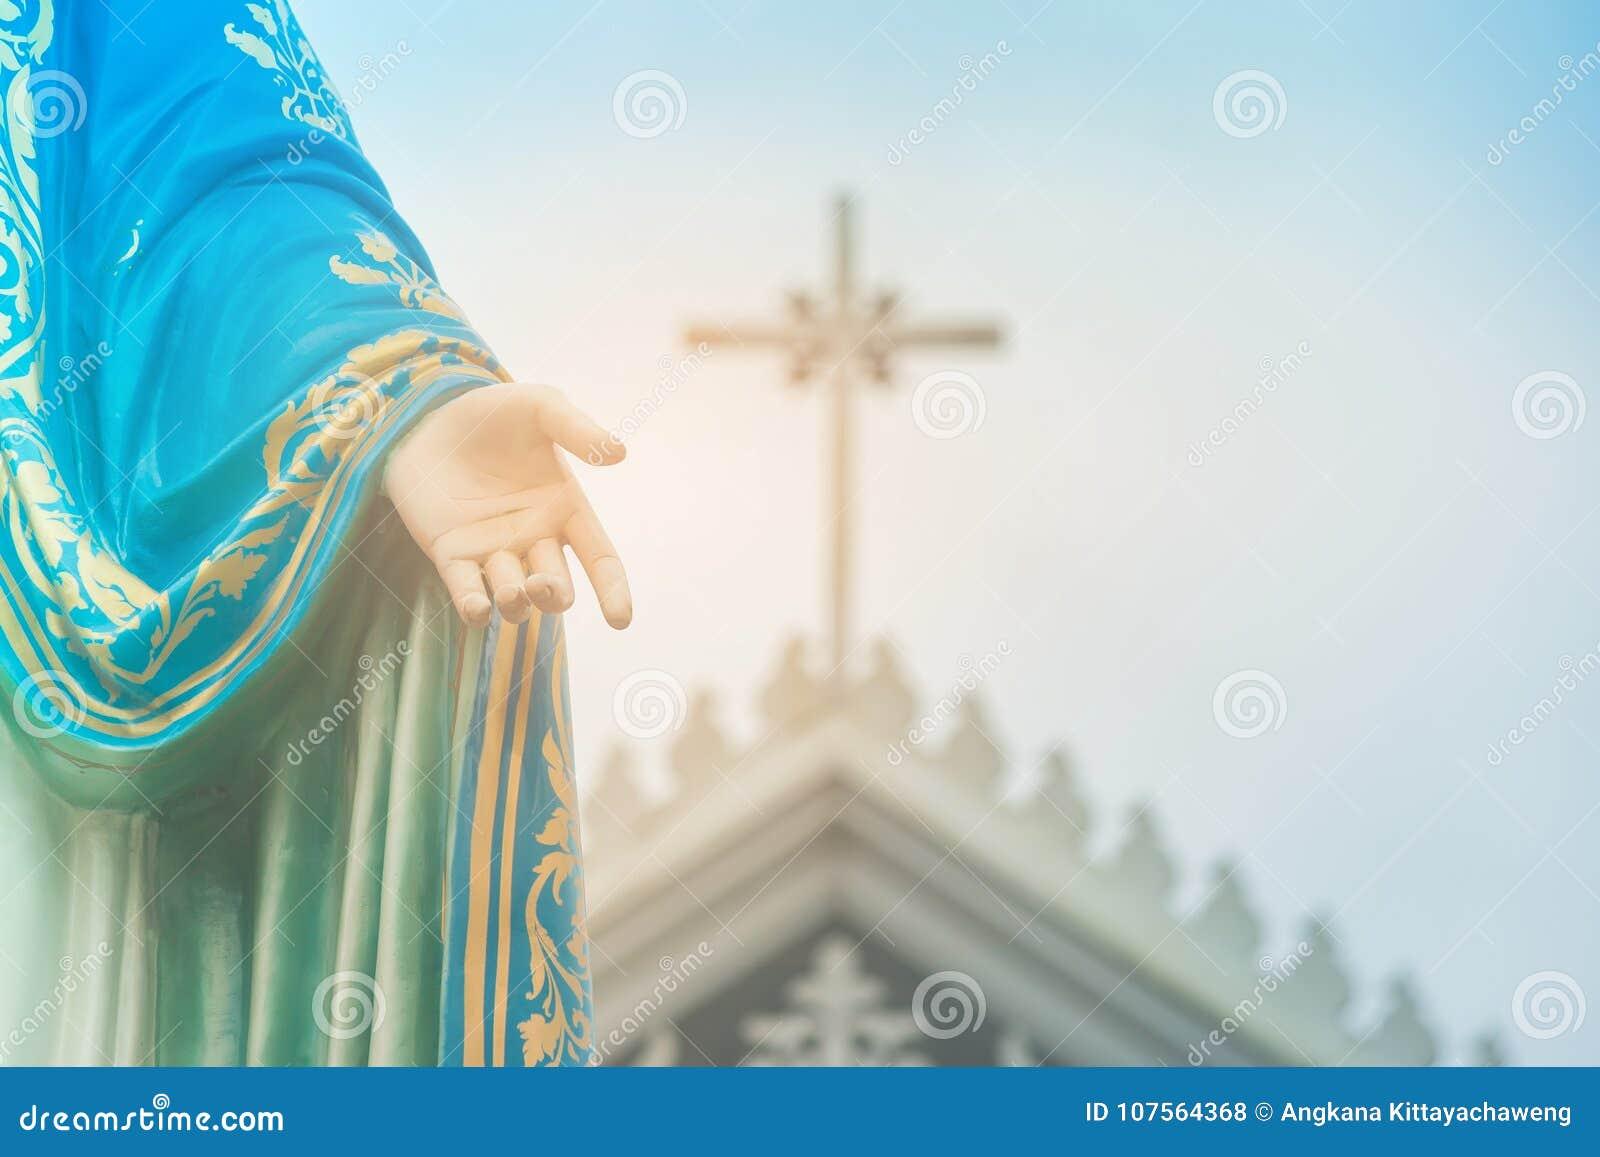 Mão da estátua abençoada da Virgem Maria que está na frente de Roman Catholic Diocese com crucifixo ou cruz